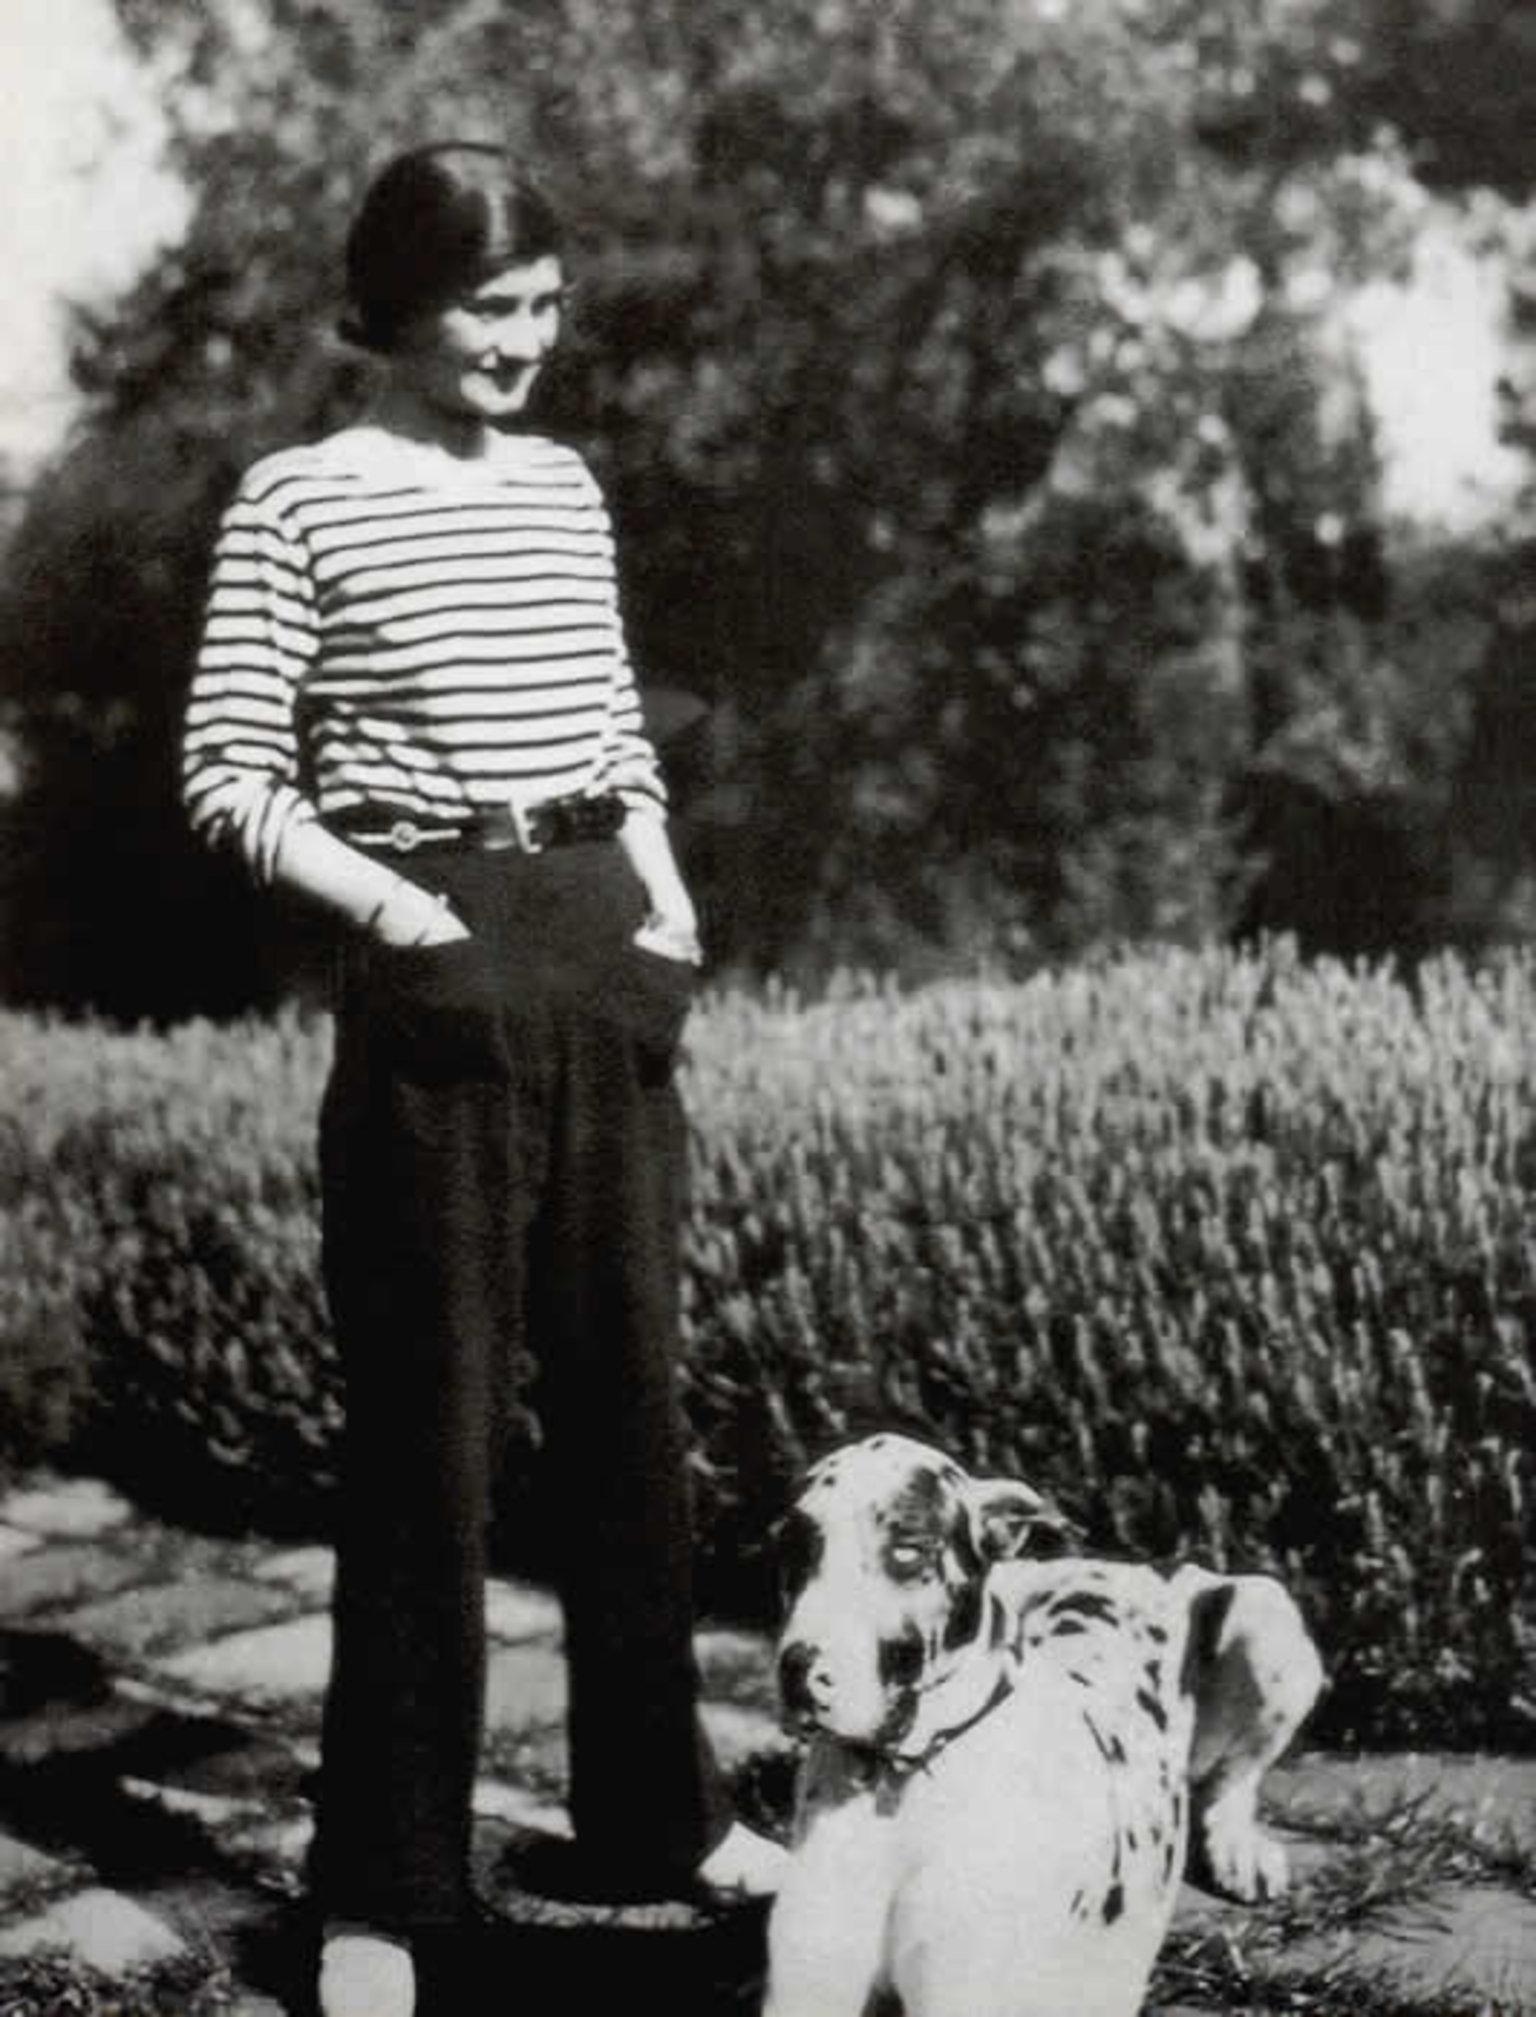 Ảnh chụp Coco Chanel trong chiếc áo Breton năm 1928.